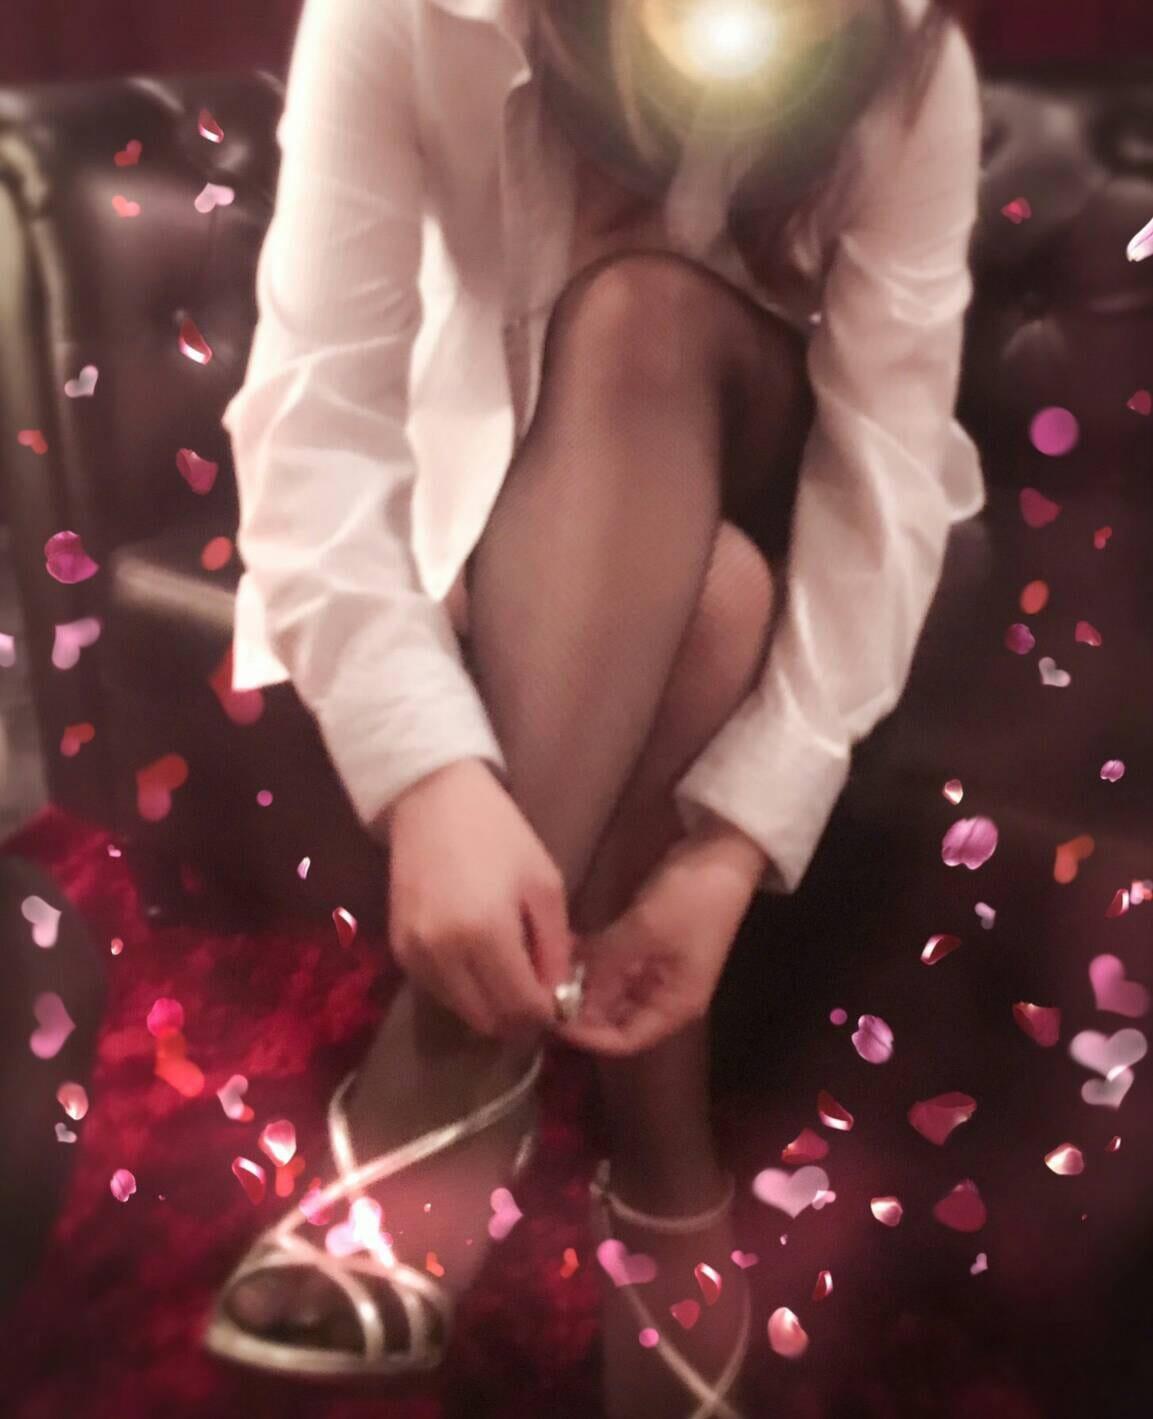 「??恋慕??」10/16(月) 21:18 | 恋慕の写メ・風俗動画